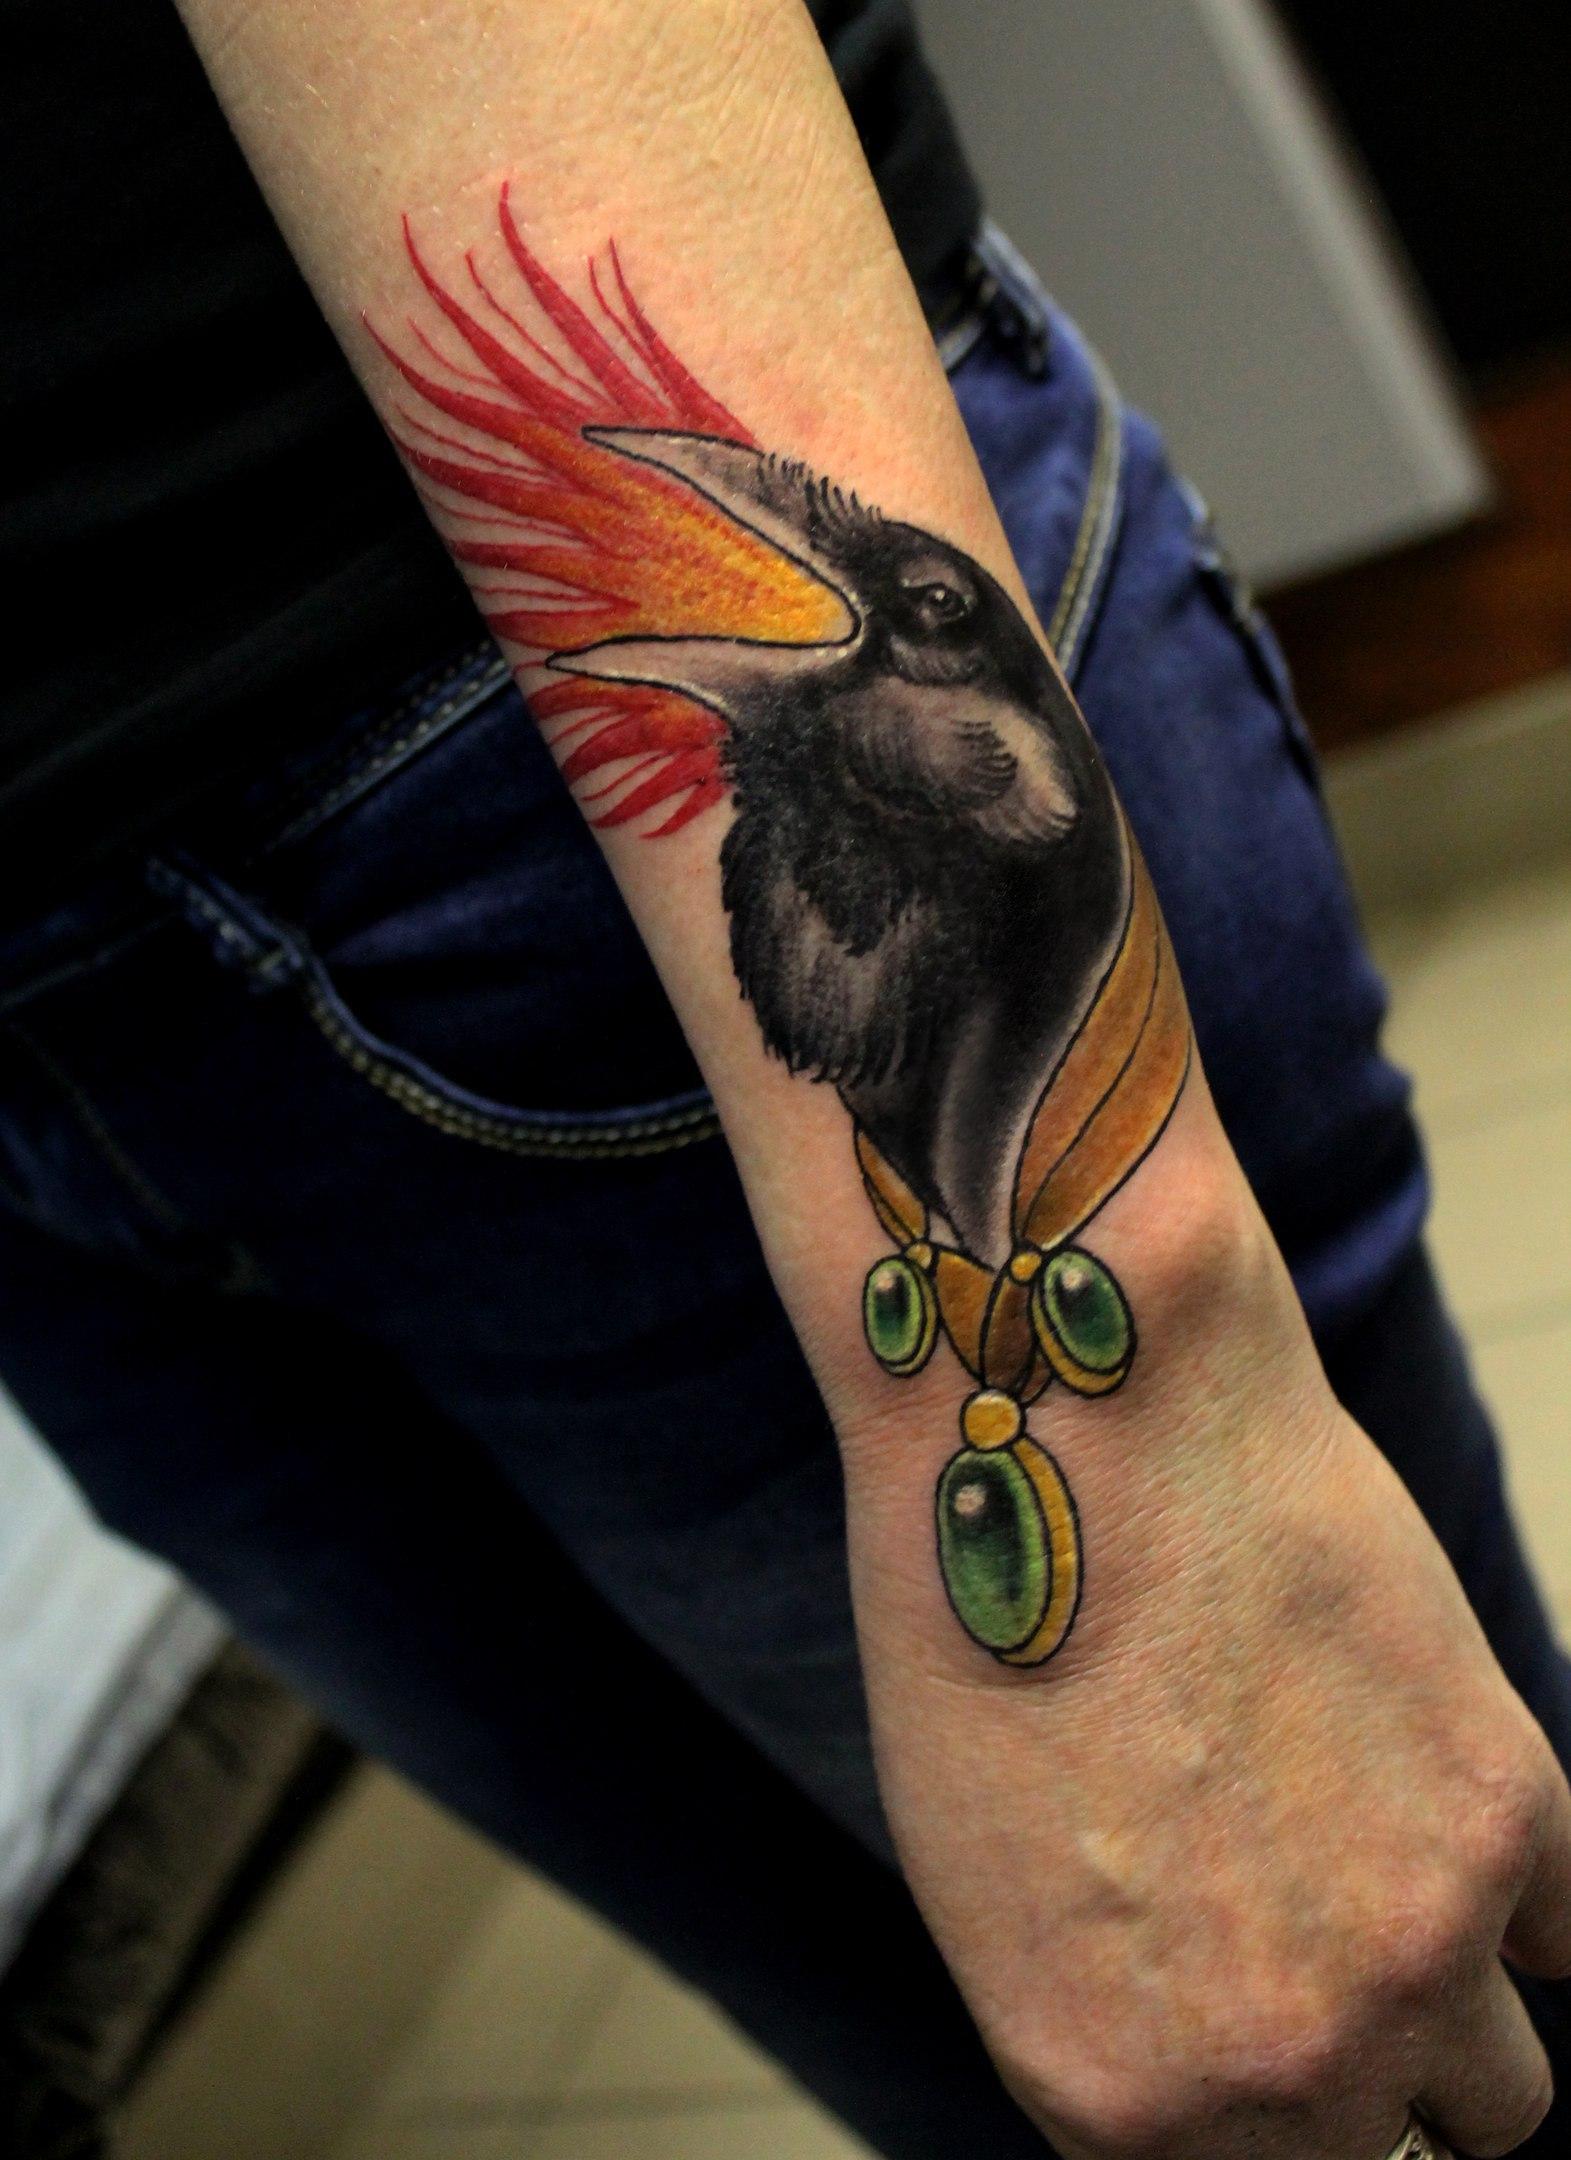 Художественная татуировка «Ворон». Мастер Дима Поликарпов. Работа выполнена на предплечье